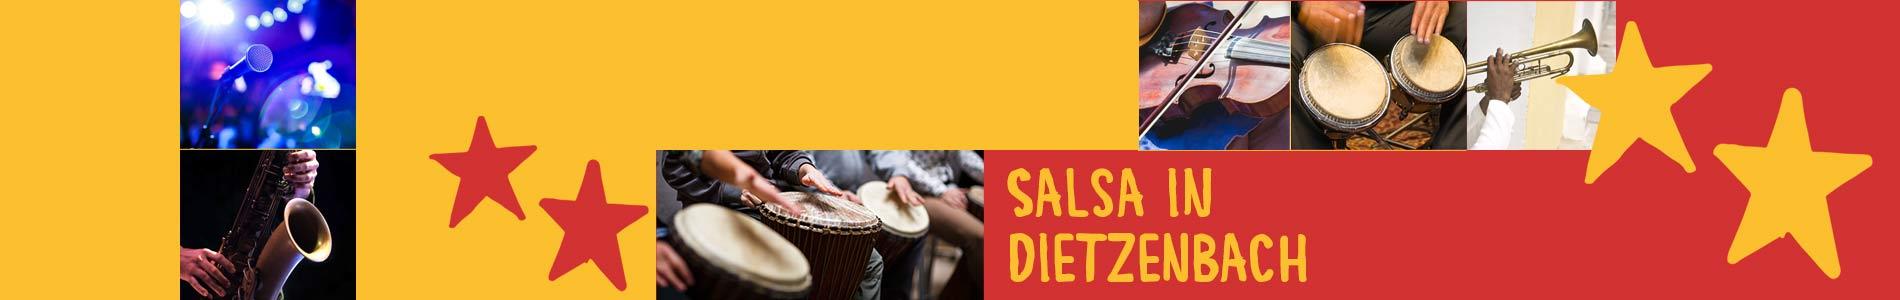 Salsa in Dietzenbach – Salsa lernen und tanzen, Tanzkurse, Partys, Veranstaltungen